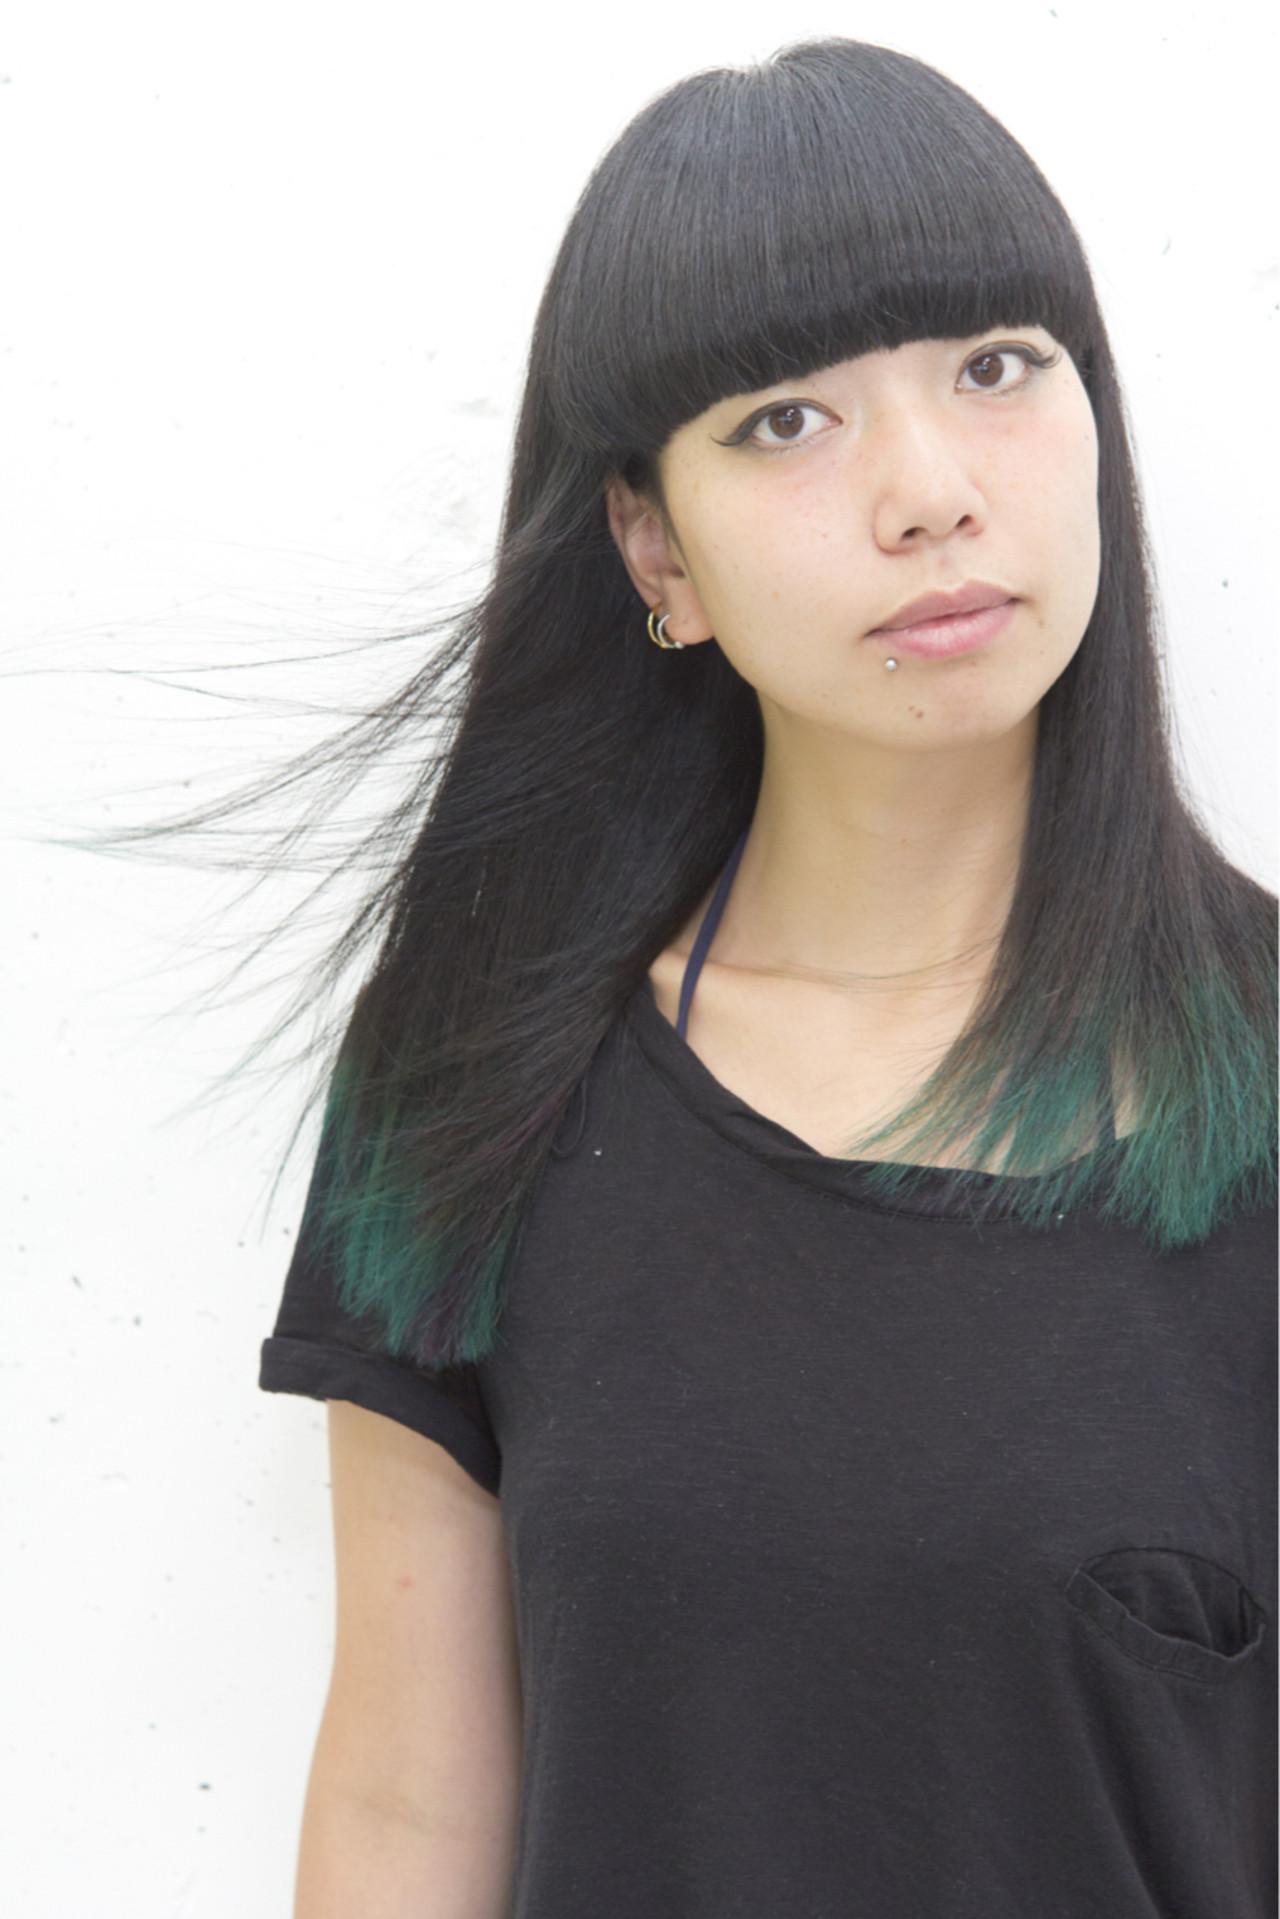 大注目の暗髪×グラデーションまとめ♡ポイントは毛先とハイライト sowi 阿部 辰也